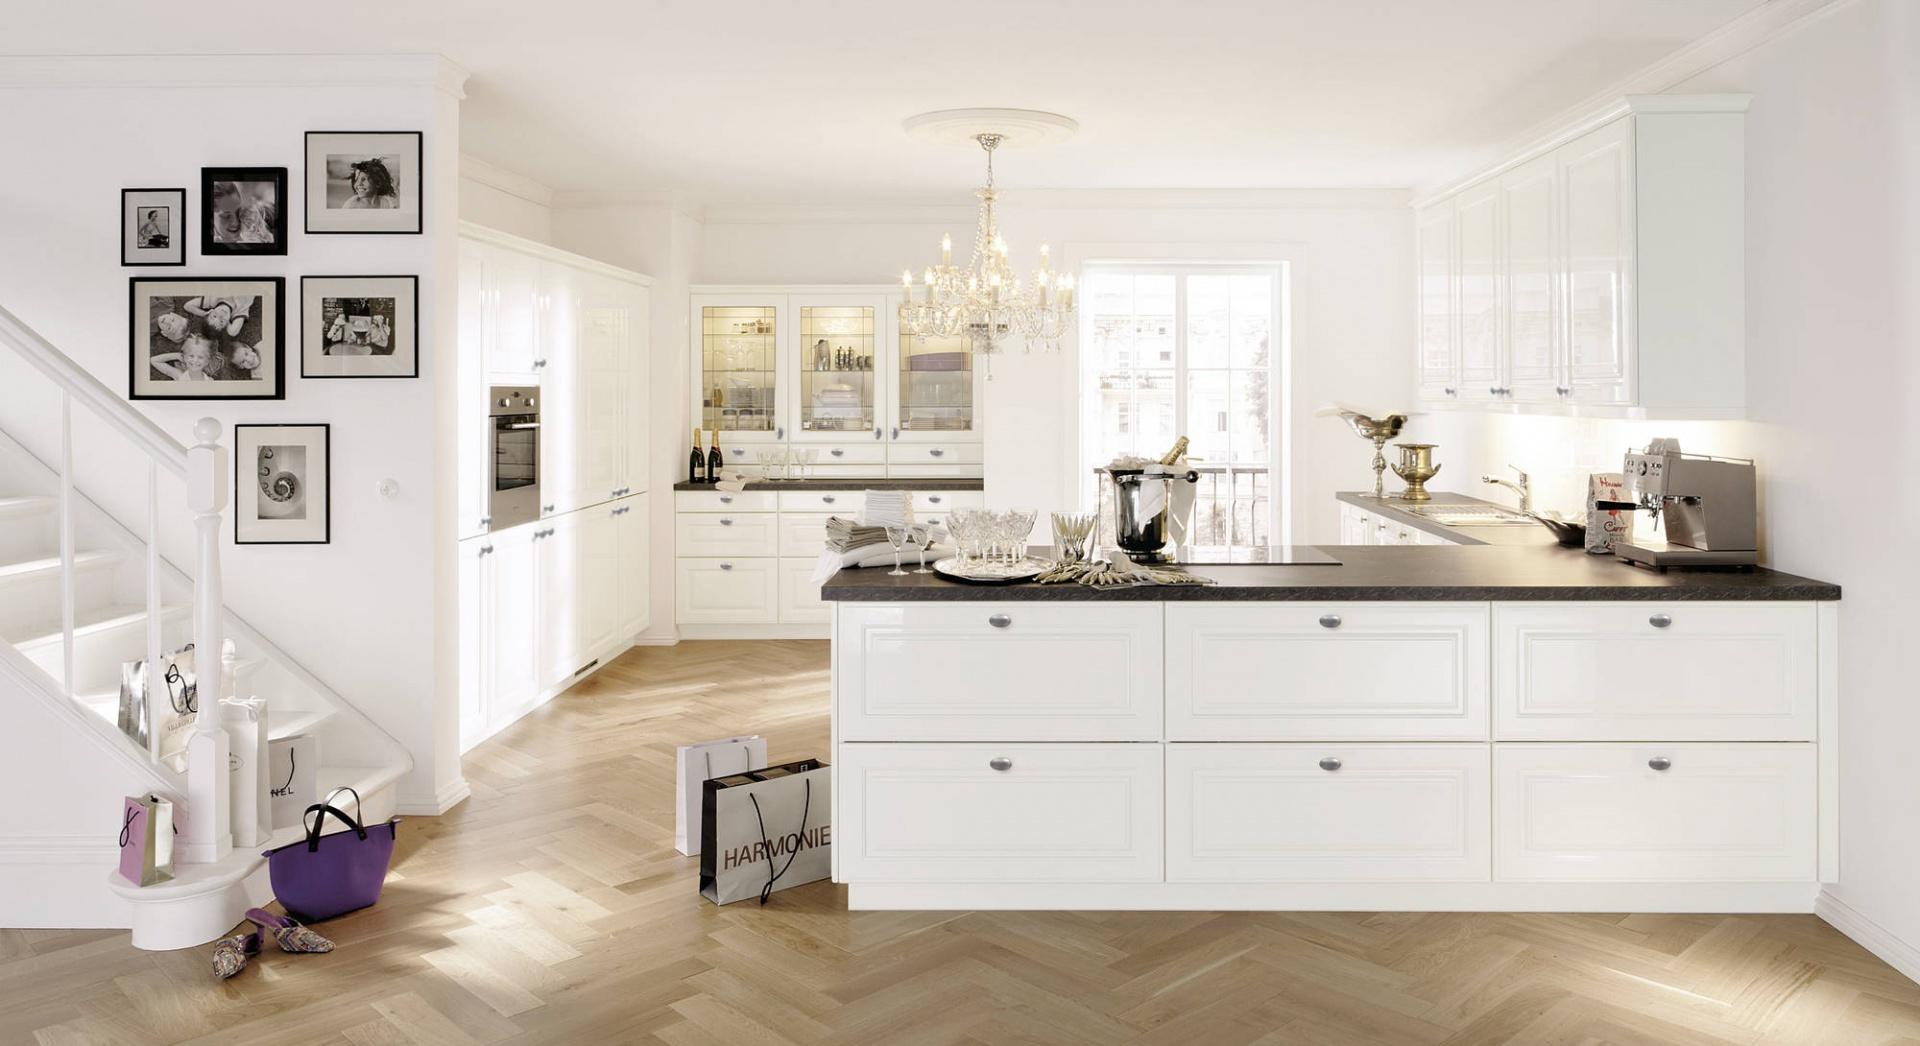 Kuchnia z programu Alnopol. Fronty wykończone są lakierem w wysokim połysku. W połączeniu z czarnym blatem, delikatnymi, srebrnymi uchwytami prezentują się bardzo elegancko. Wycena indywidualna, Alno.